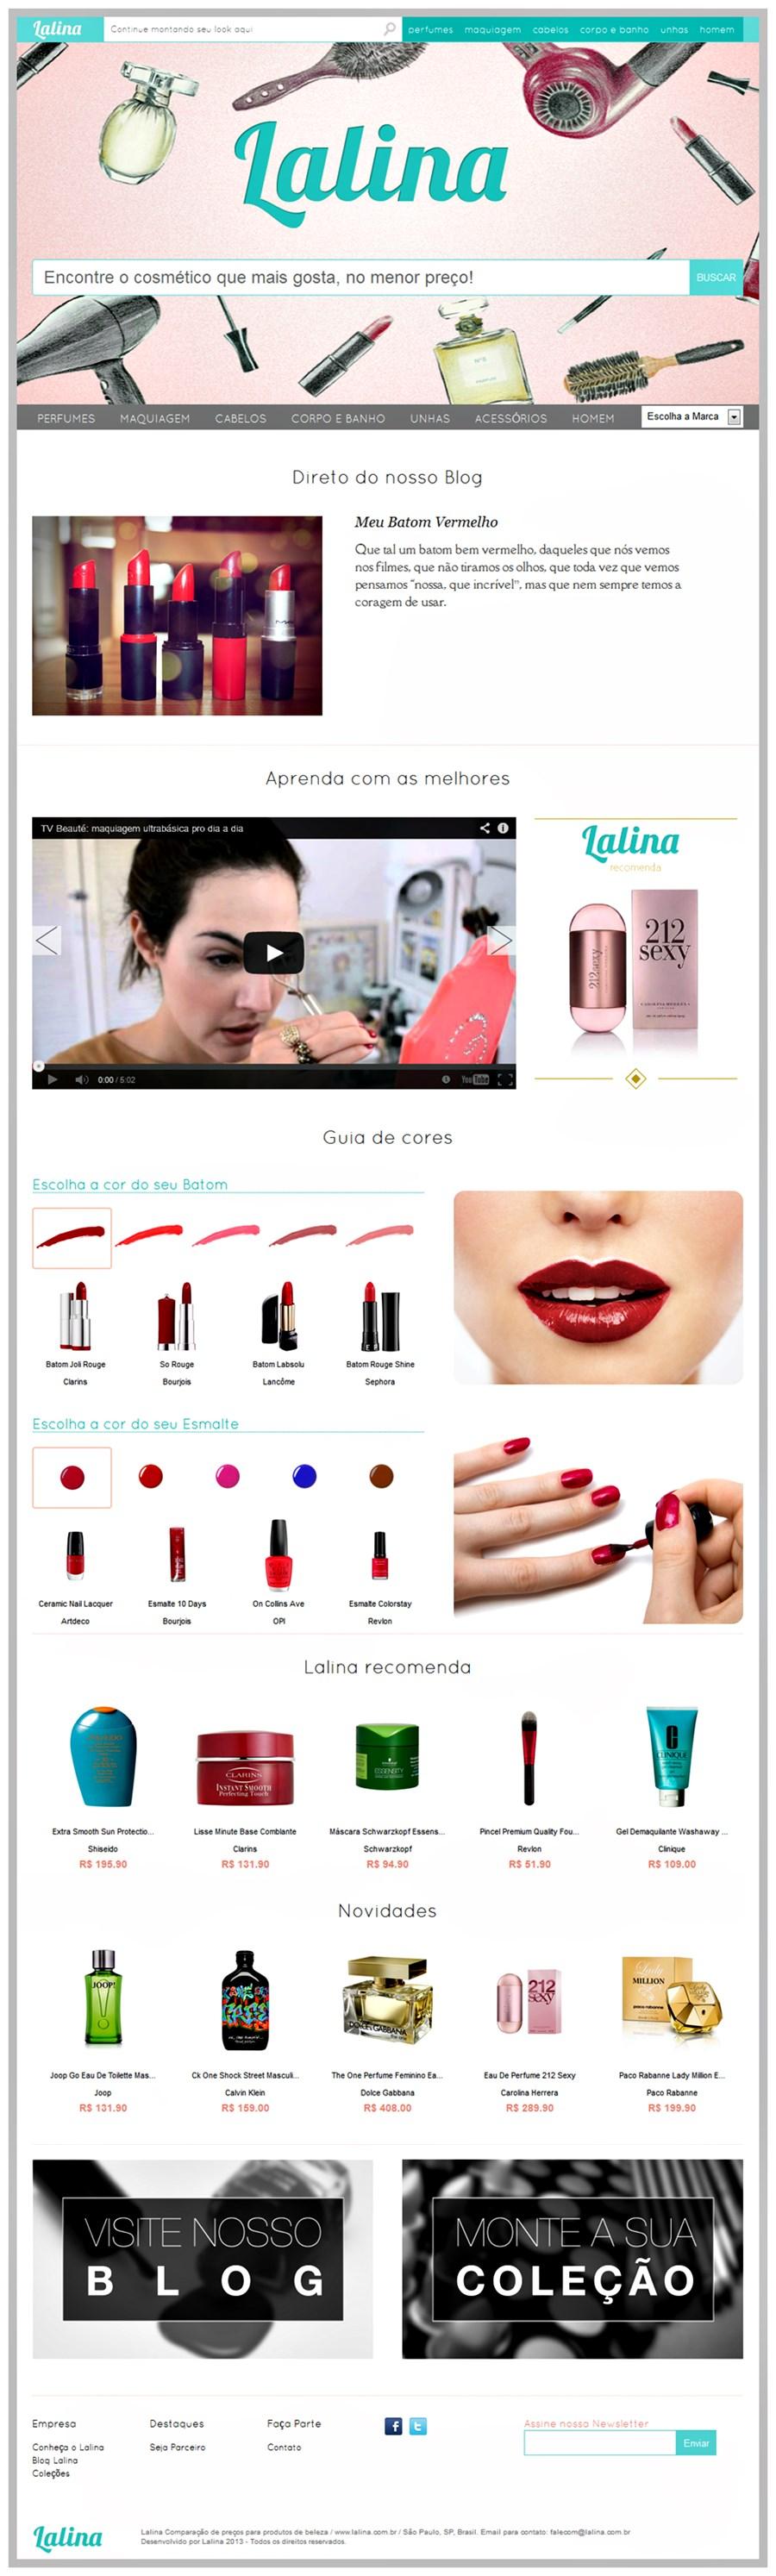 Lalina - maquiagem, perfume e produtos de beleza no menor preço